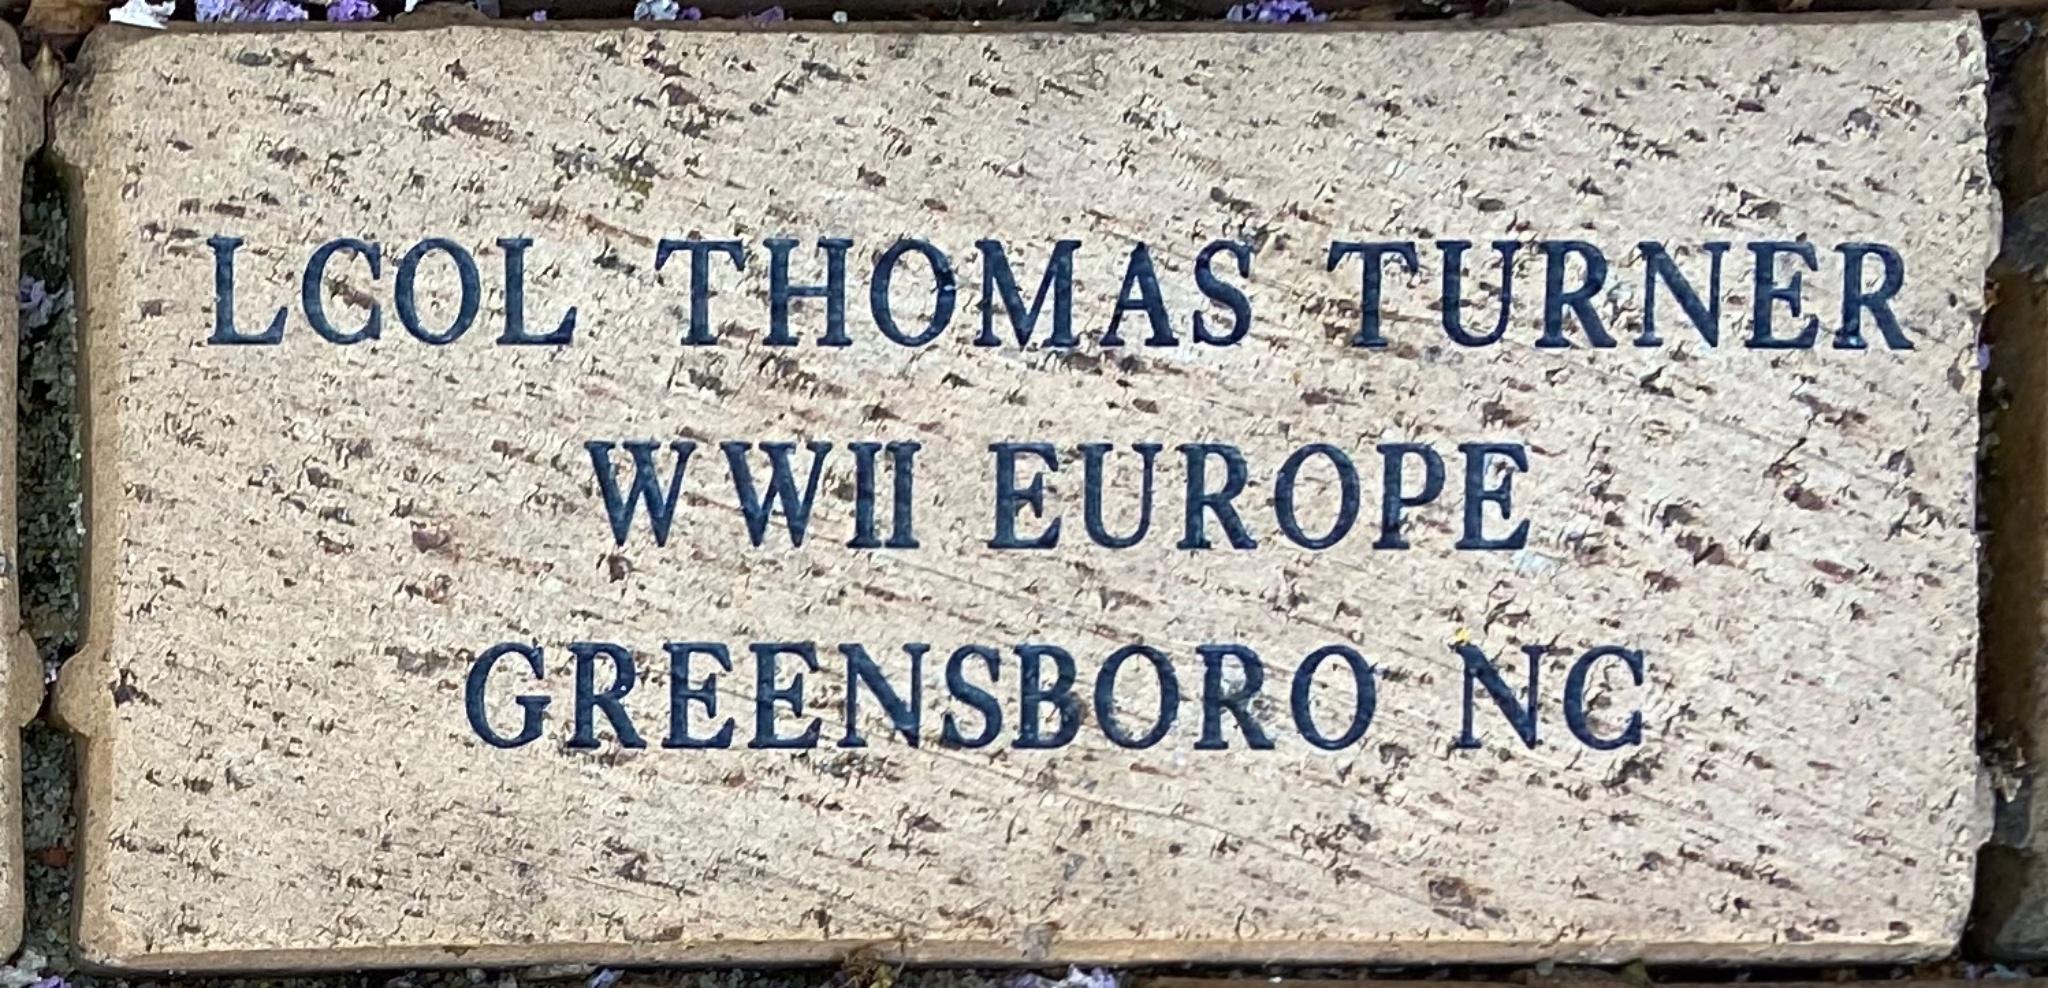 LCOL THOMAS TURNER WWII EUROPE GREENSBORO NC